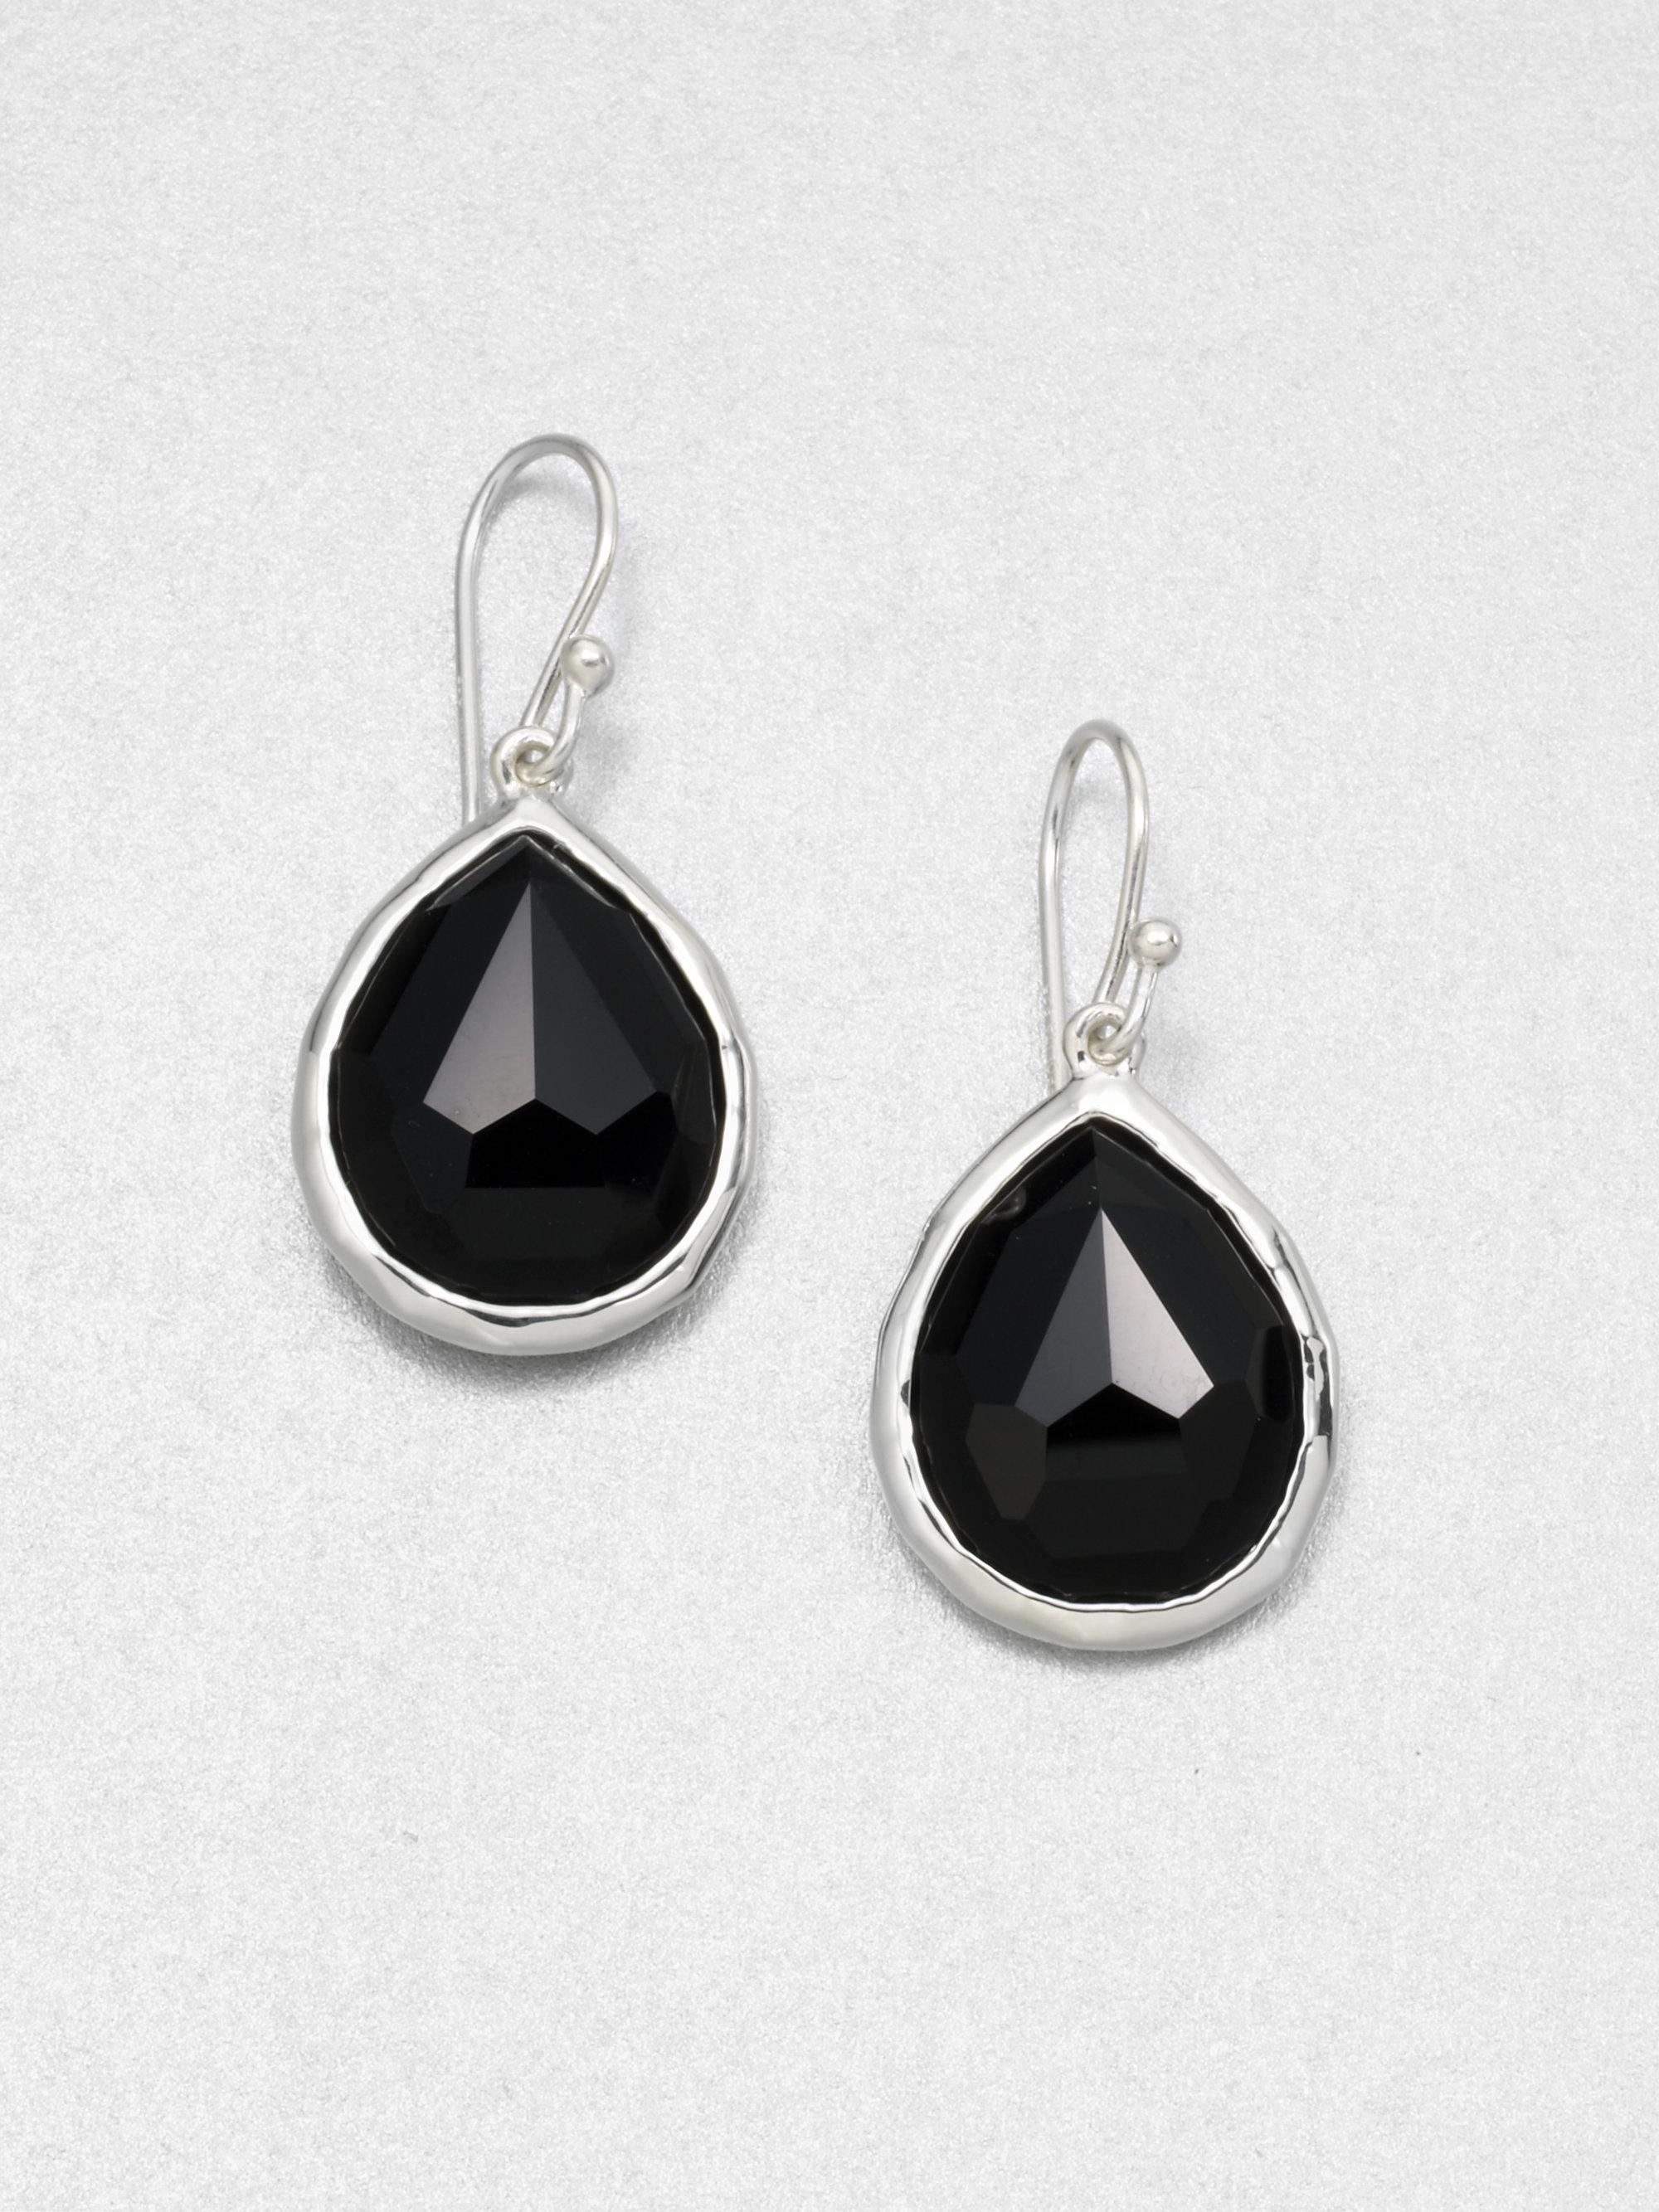 e2377ea12 Ippolita Black Onyx & Sterling Silver Small Teardrop Earrings in ...